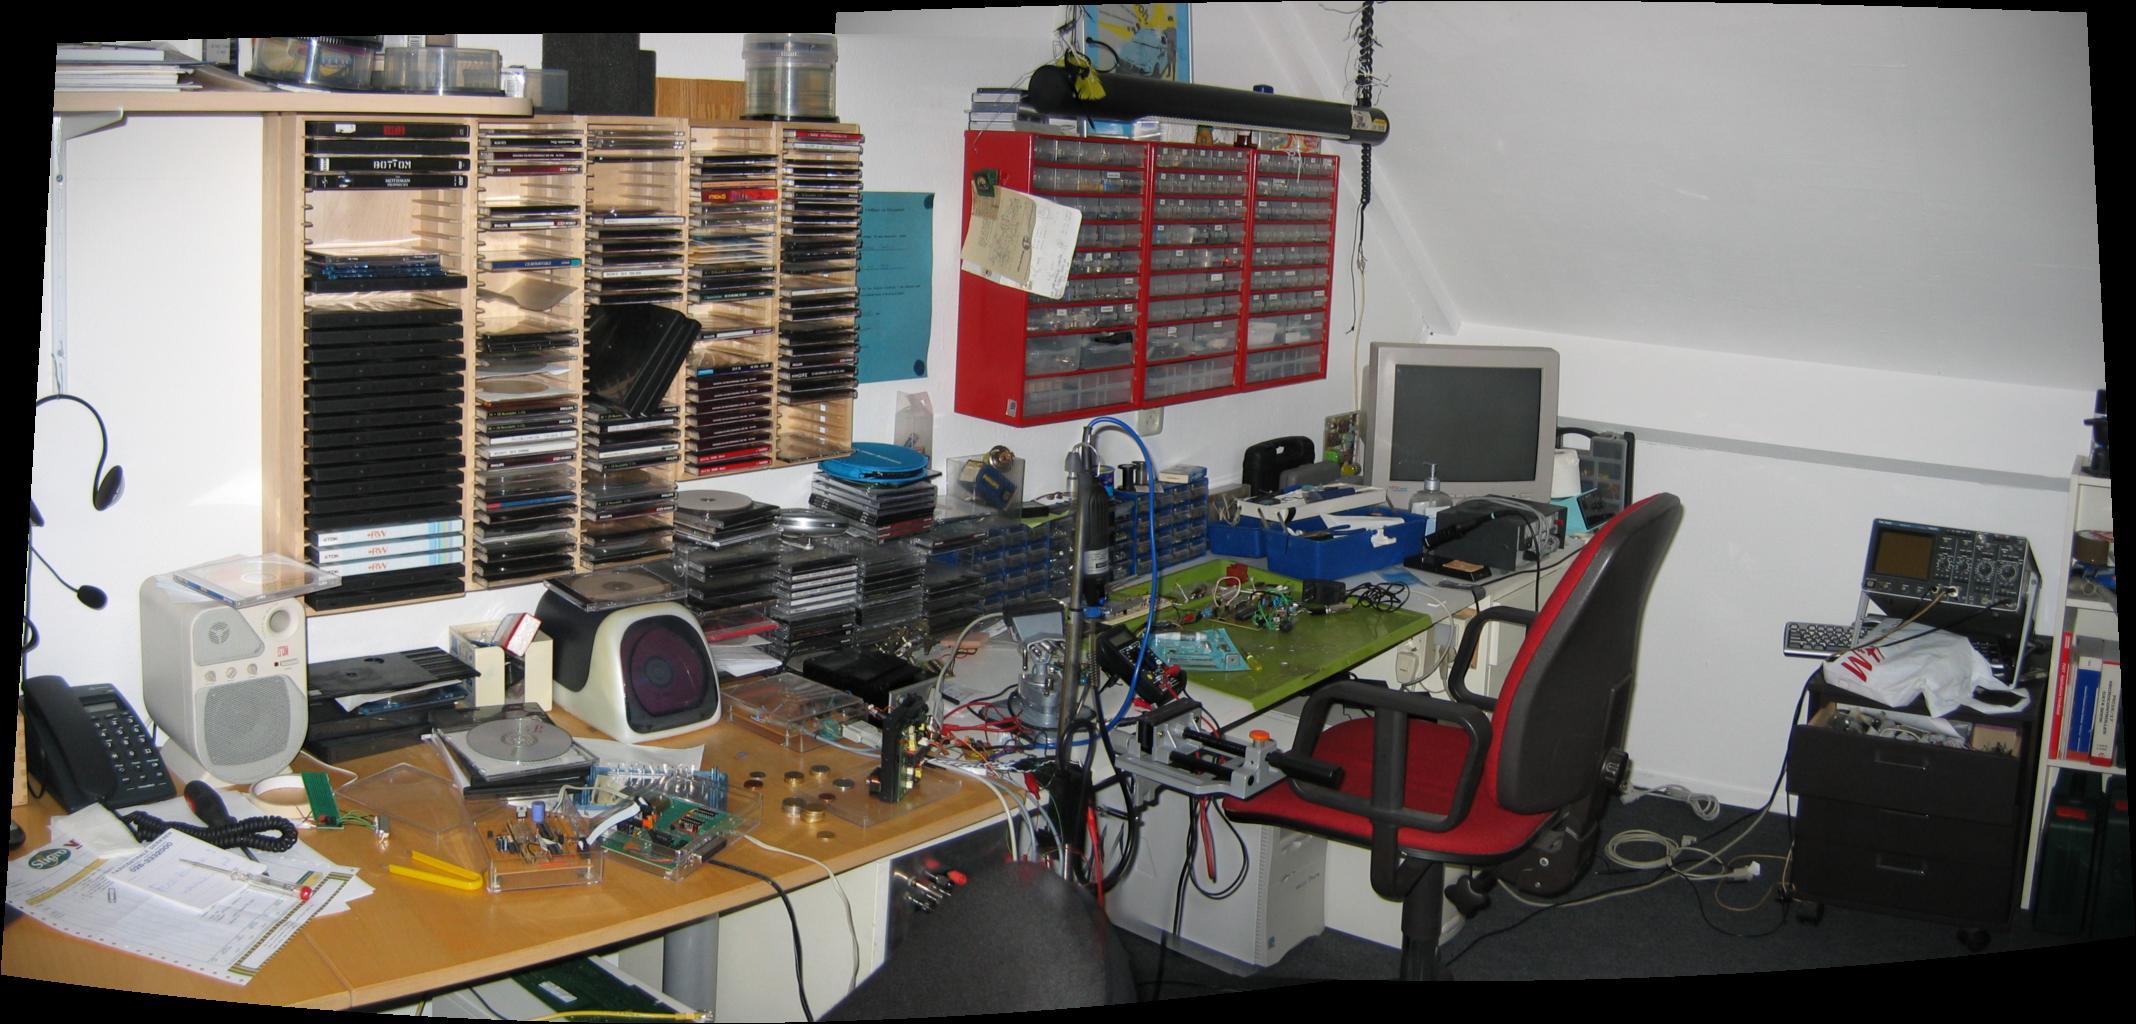 Werkplek, prutshoek, soldeertafel, knutselkamer Deel 2   Forum   Circuits Online